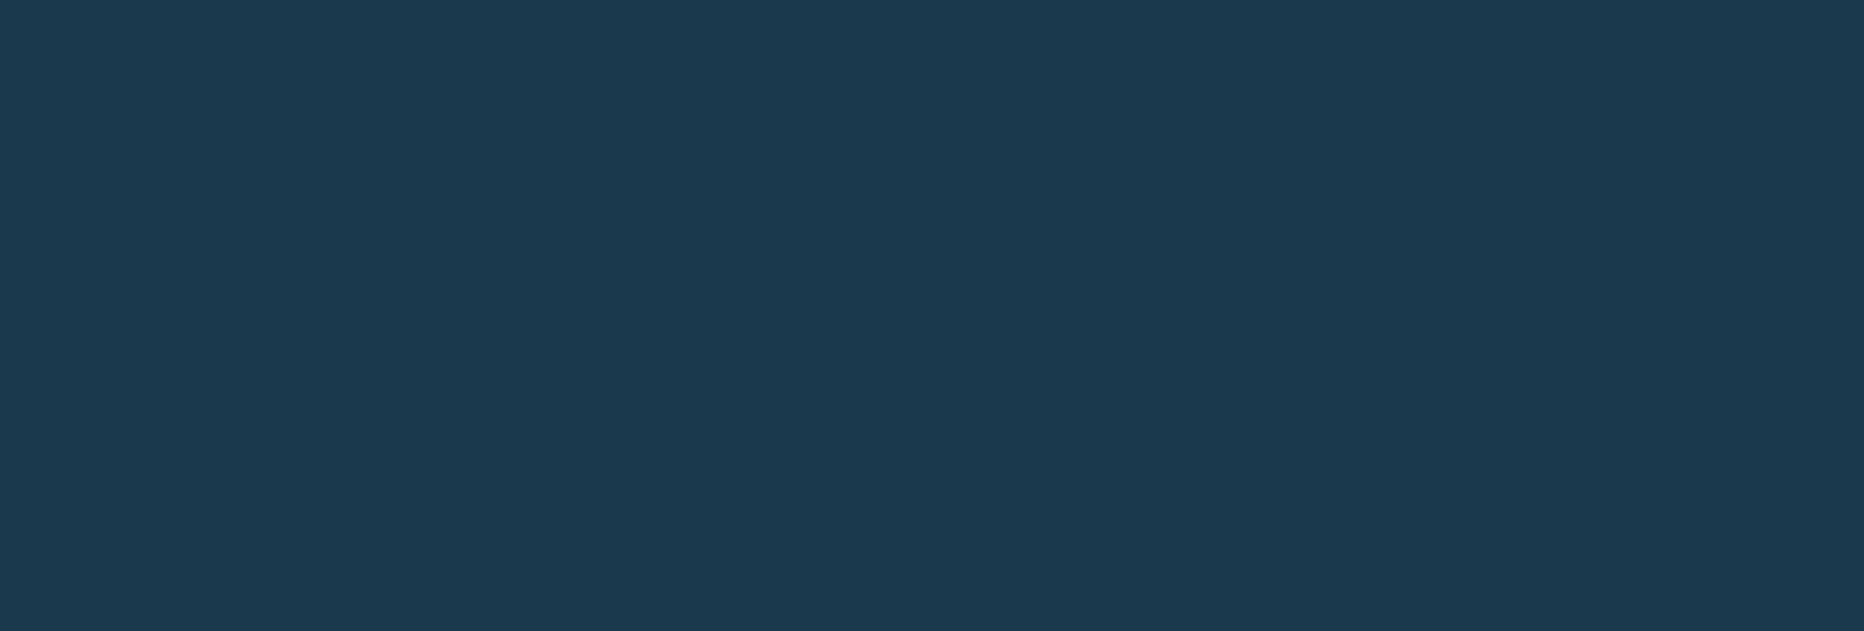 https://infocapnet.com/wp-content/uploads/2019/05/SAMHSA-logo-blue.png